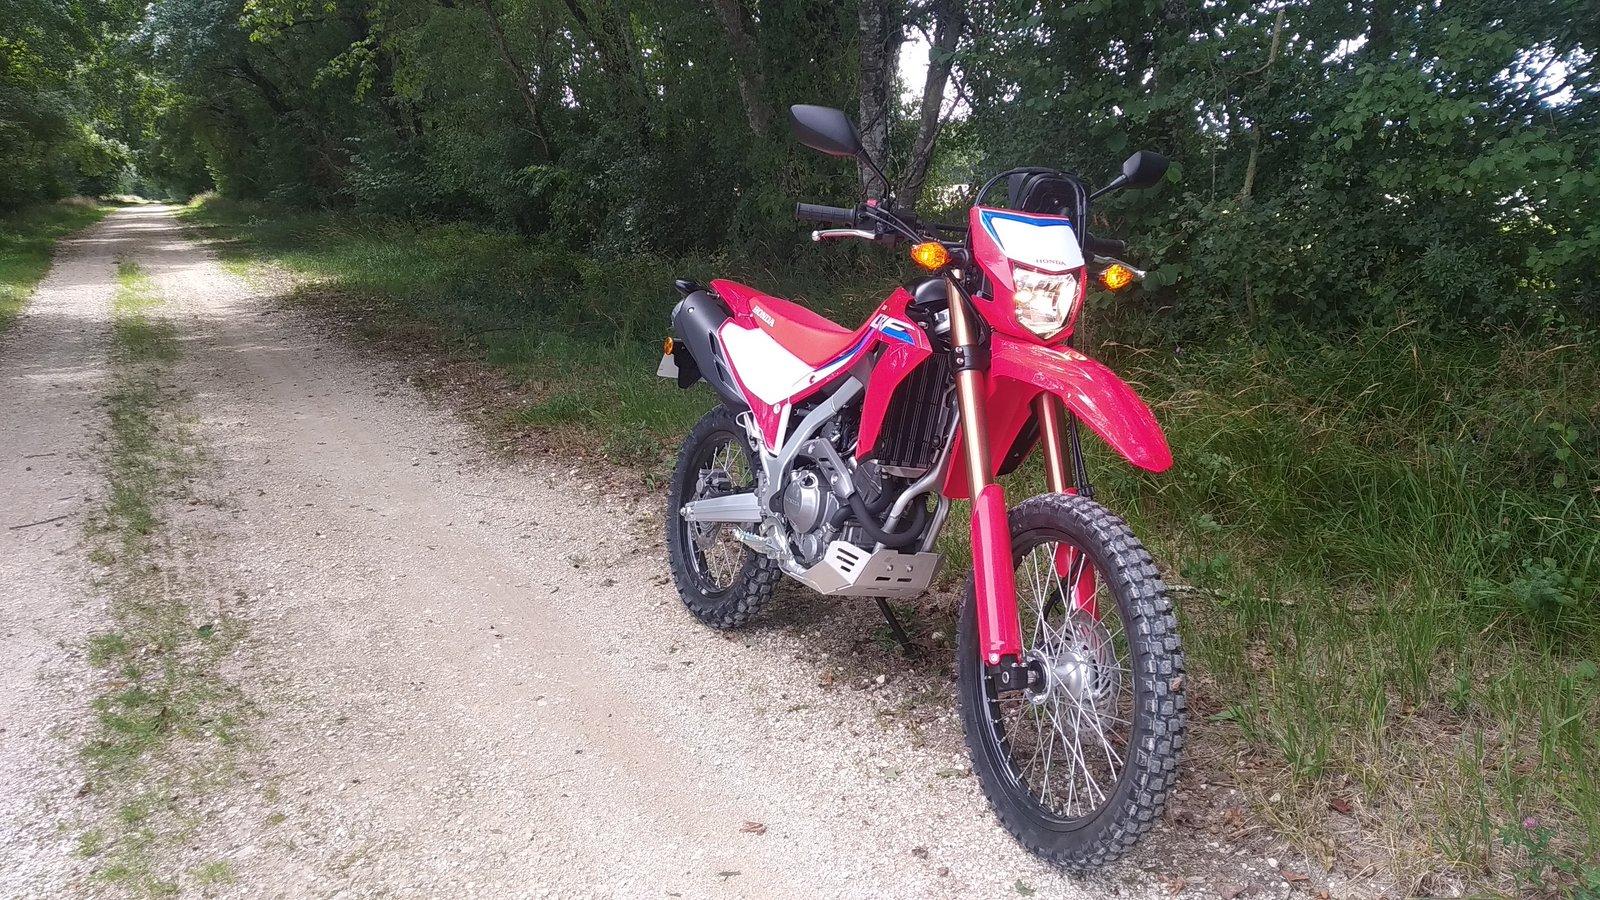 Modifs et accessoires Honda 300 CRF-L - Page 7 210809090221246610